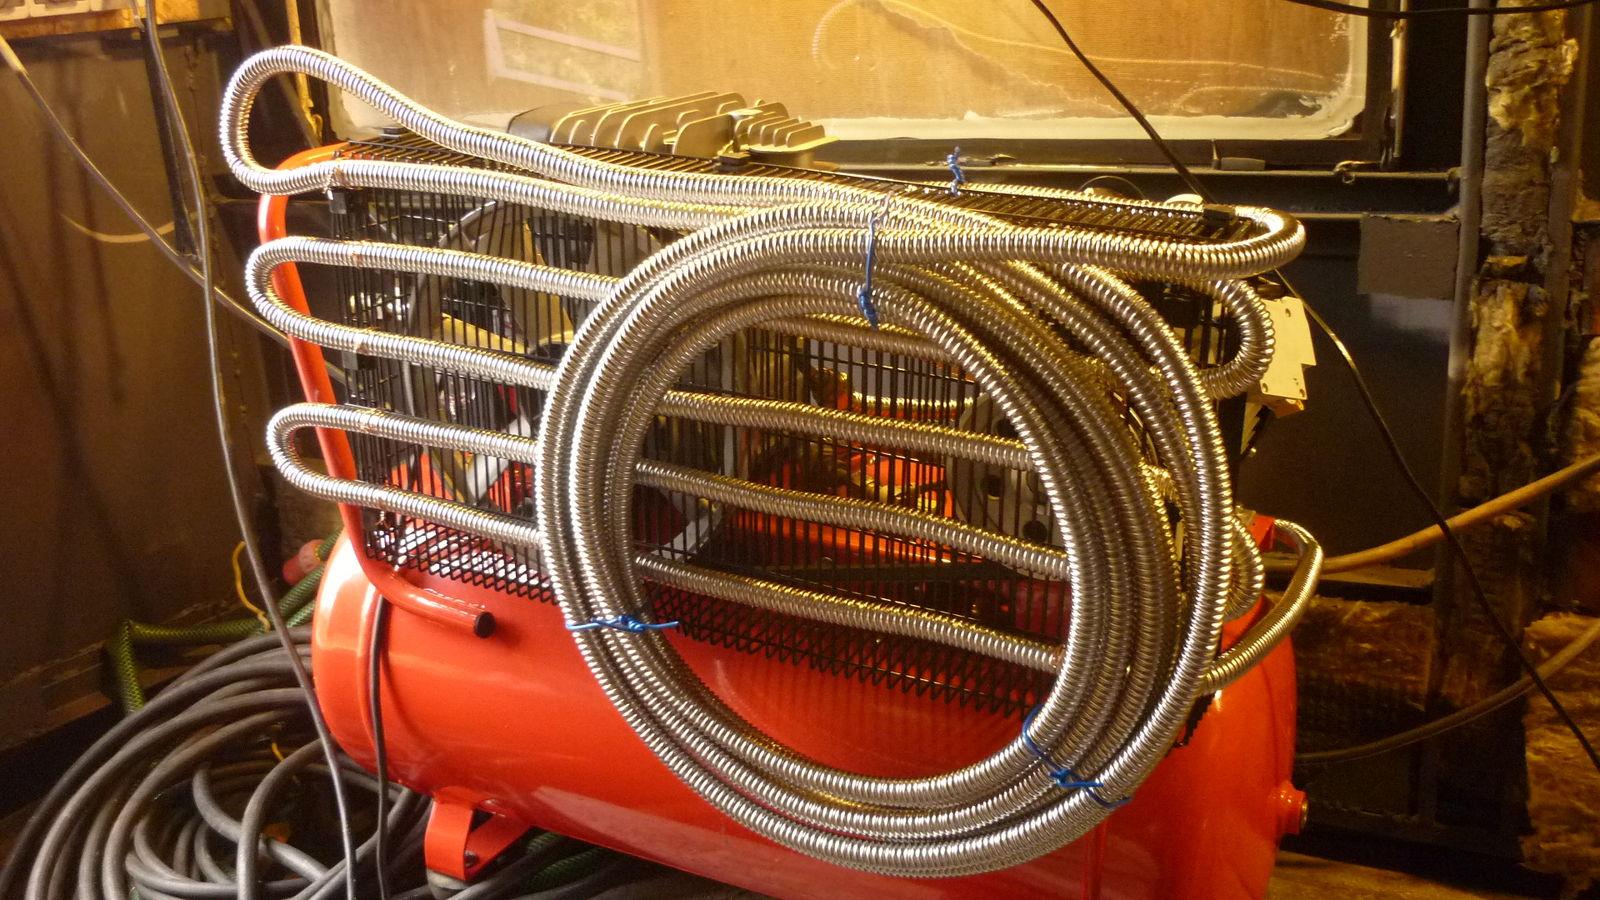 монтаж гофры/холодильника на  решетке вентилятора